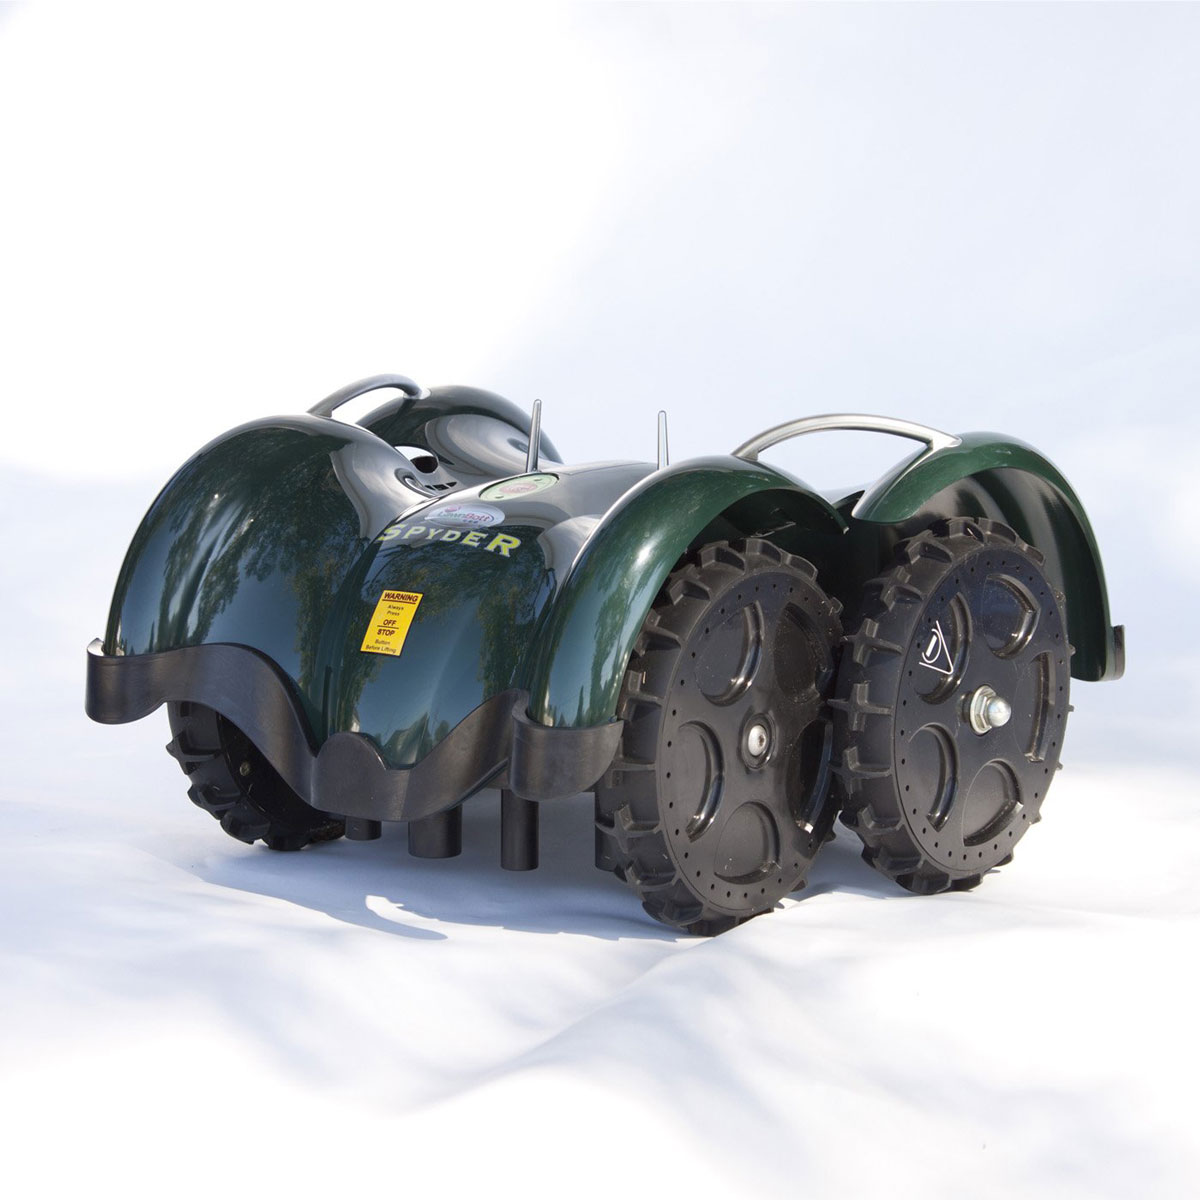 LawnBott SpyderEVO - Robotic Lawn Mower - The Green Head